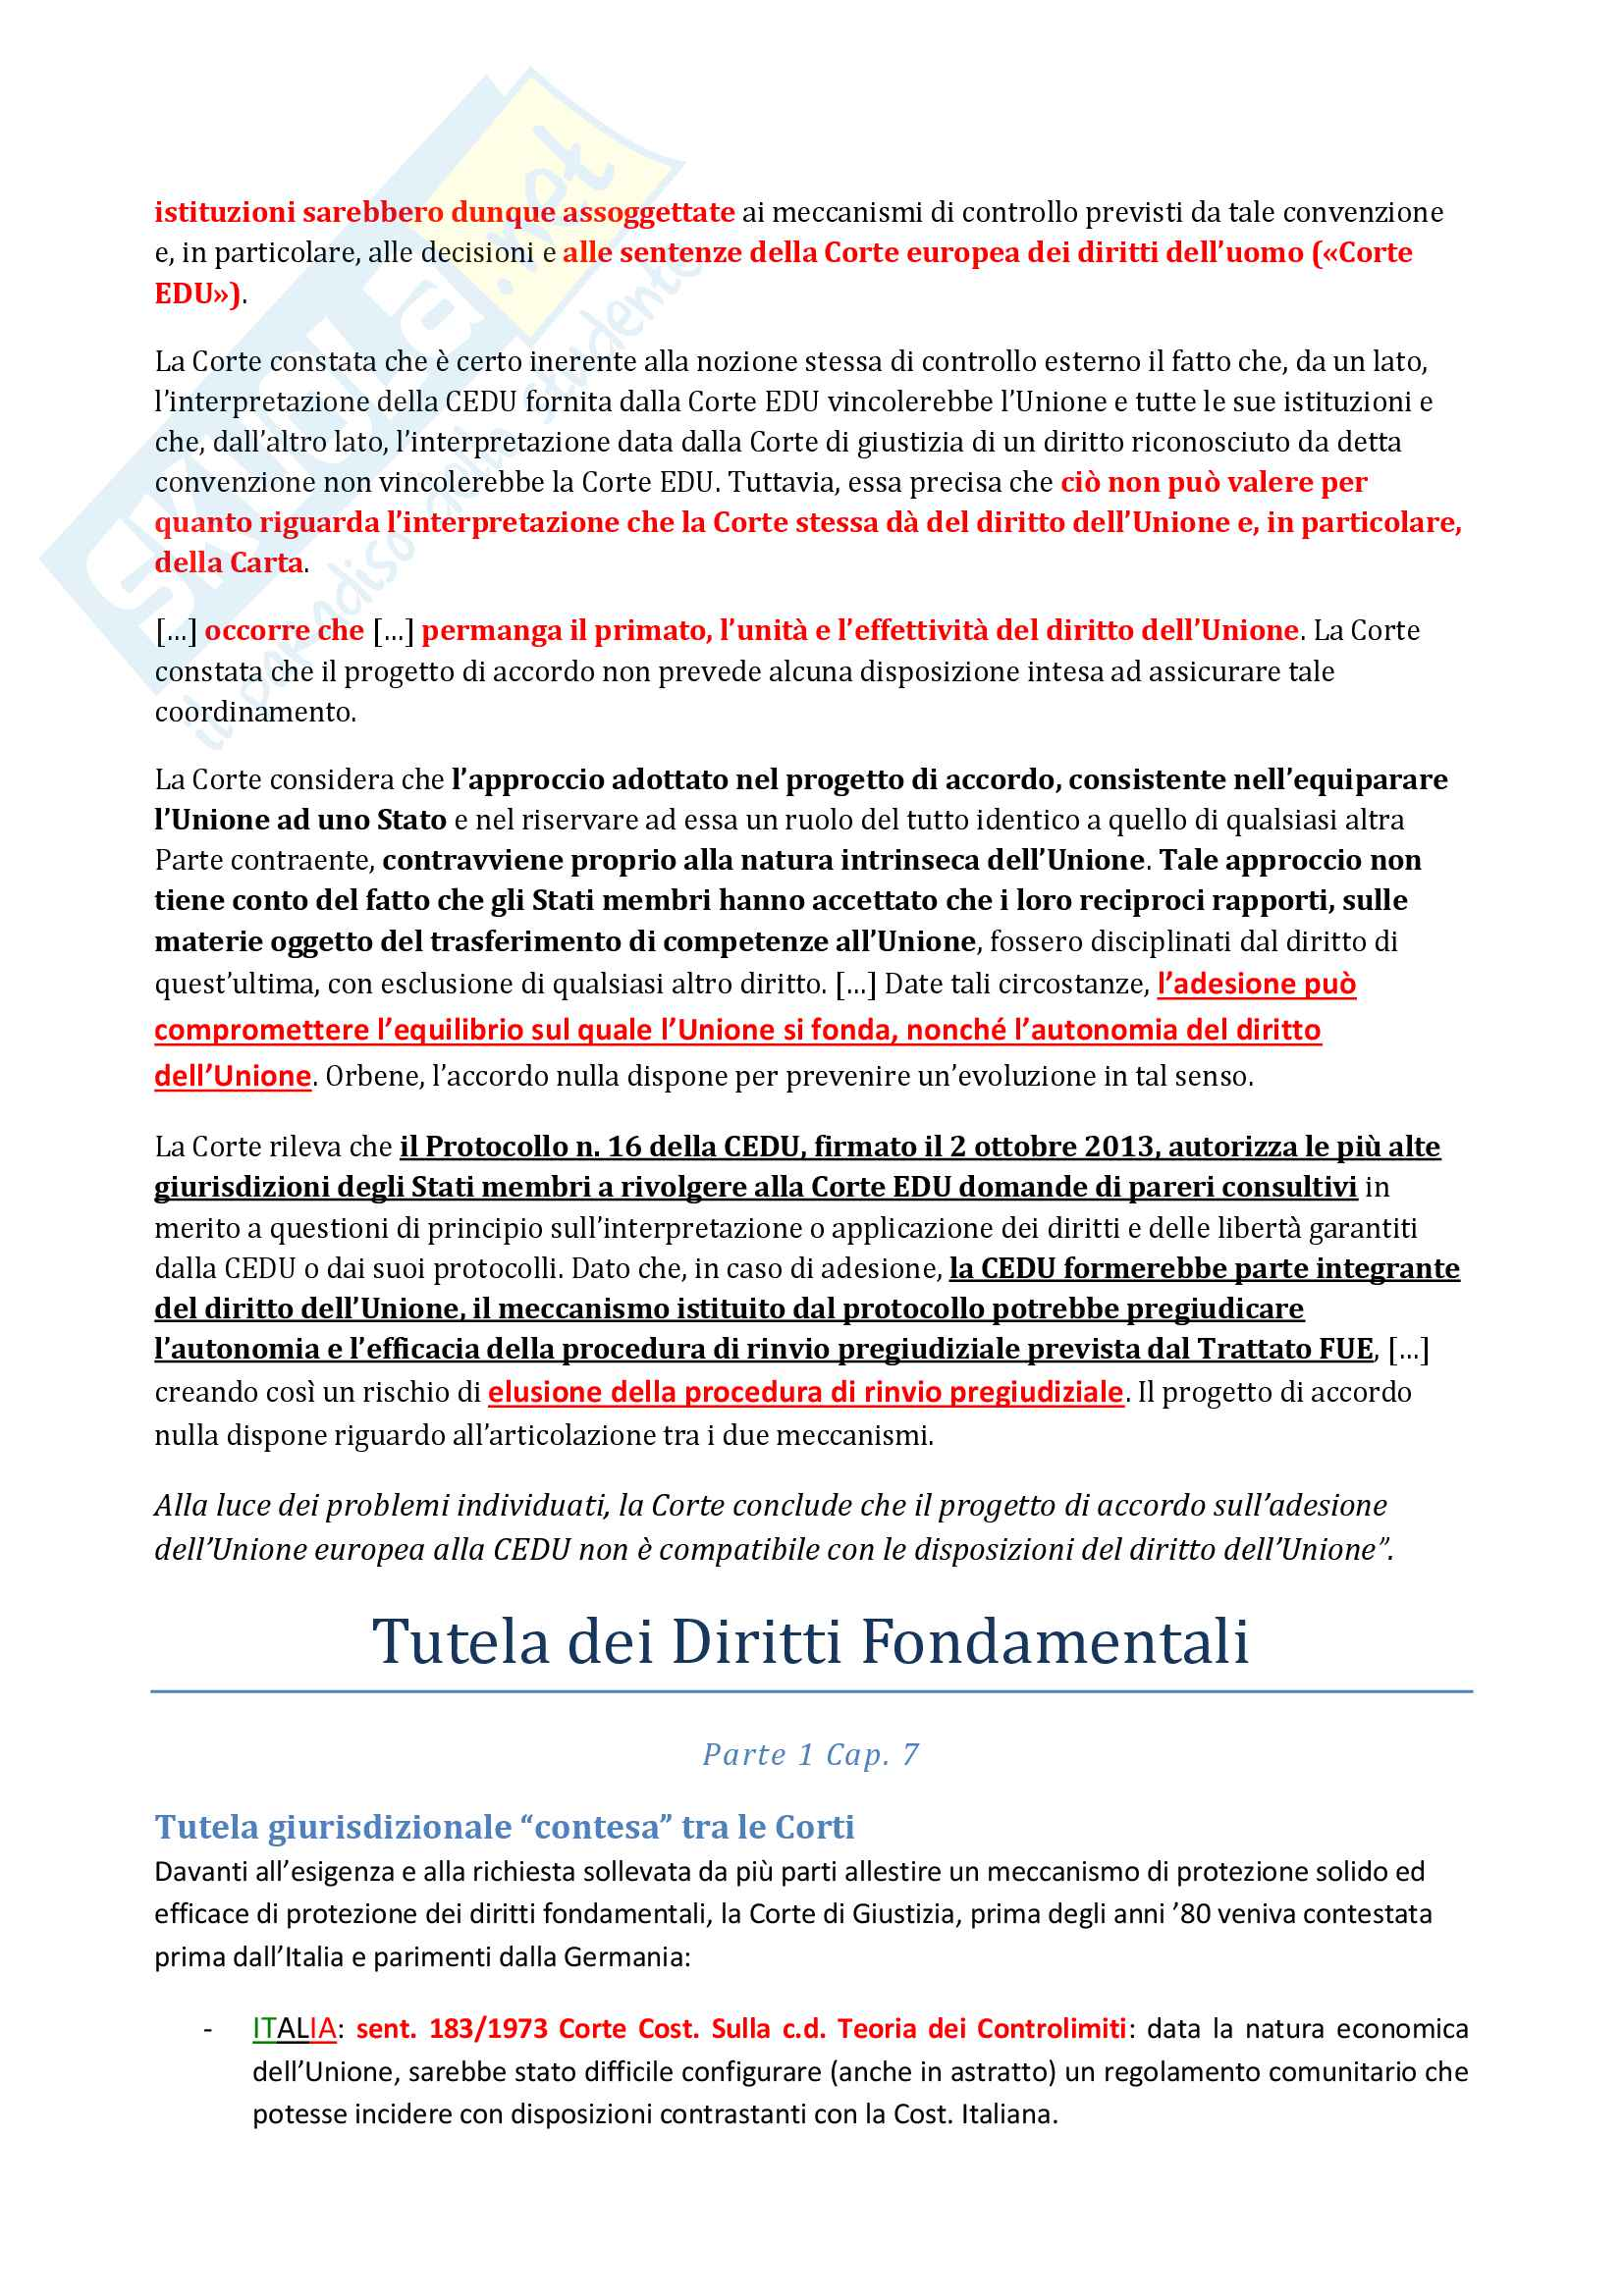 Riassunto esame di Diritto costituzionale 2 II, prof. P. Costanzo e L. Trucco, libro consigliato Lineamenti di diritto costituzionale dell'Unione Europea, P. Costanzo Pag. 61